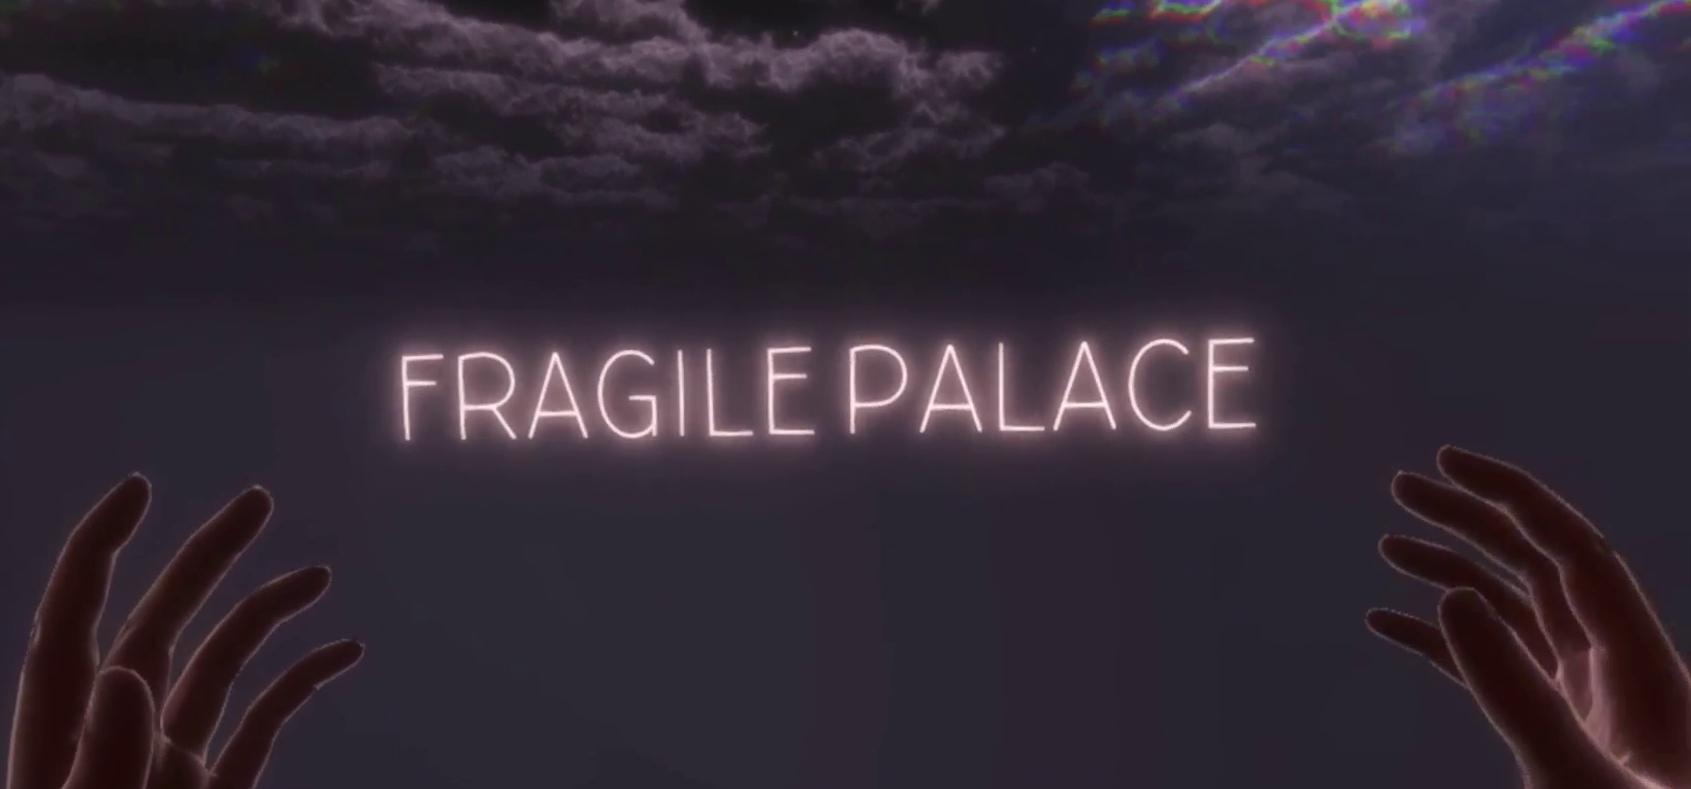 Fragile Palace